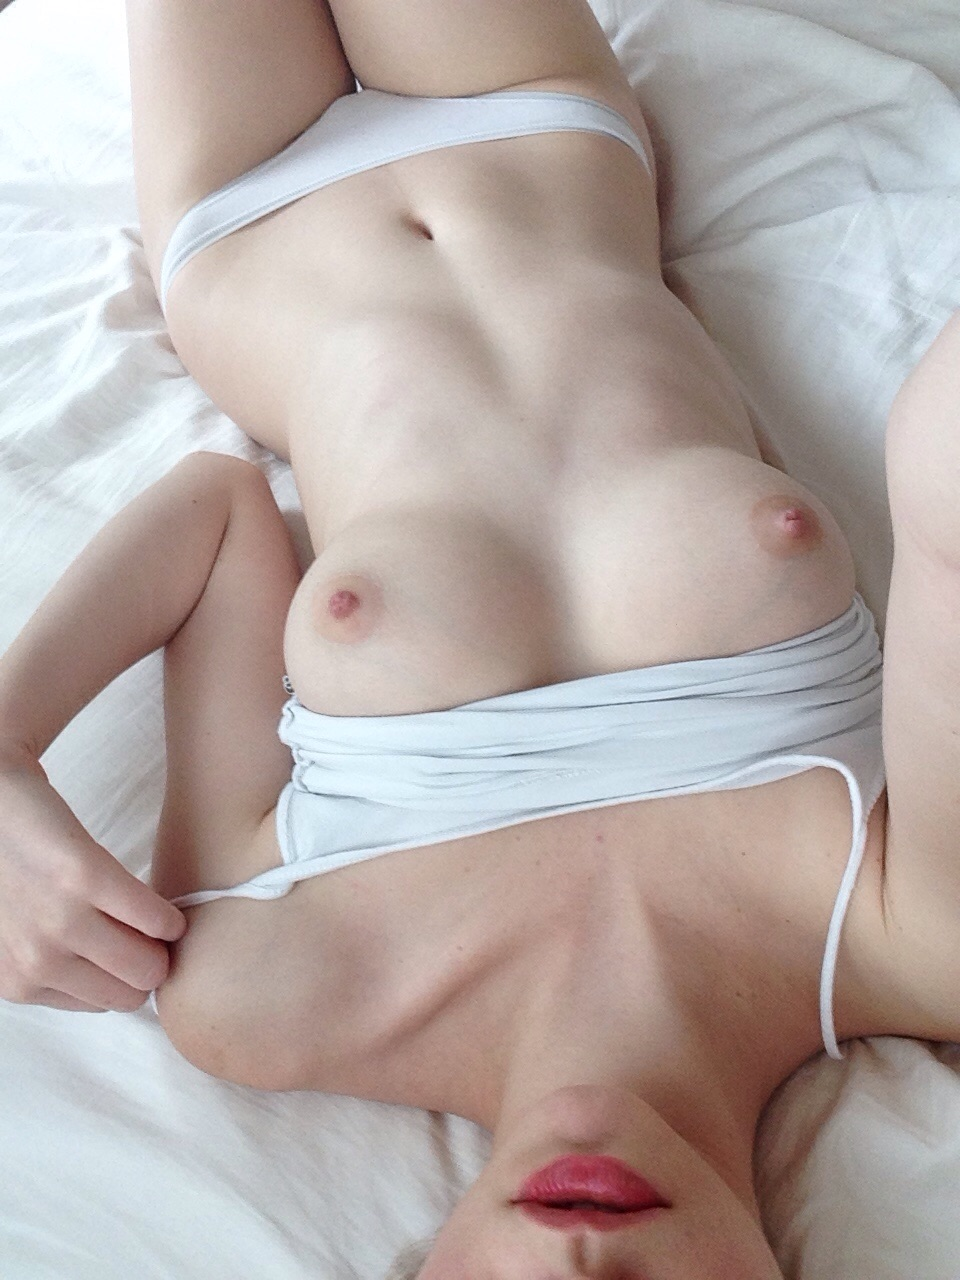 Чат рулетка онлайн с девушками порно 30 фотография